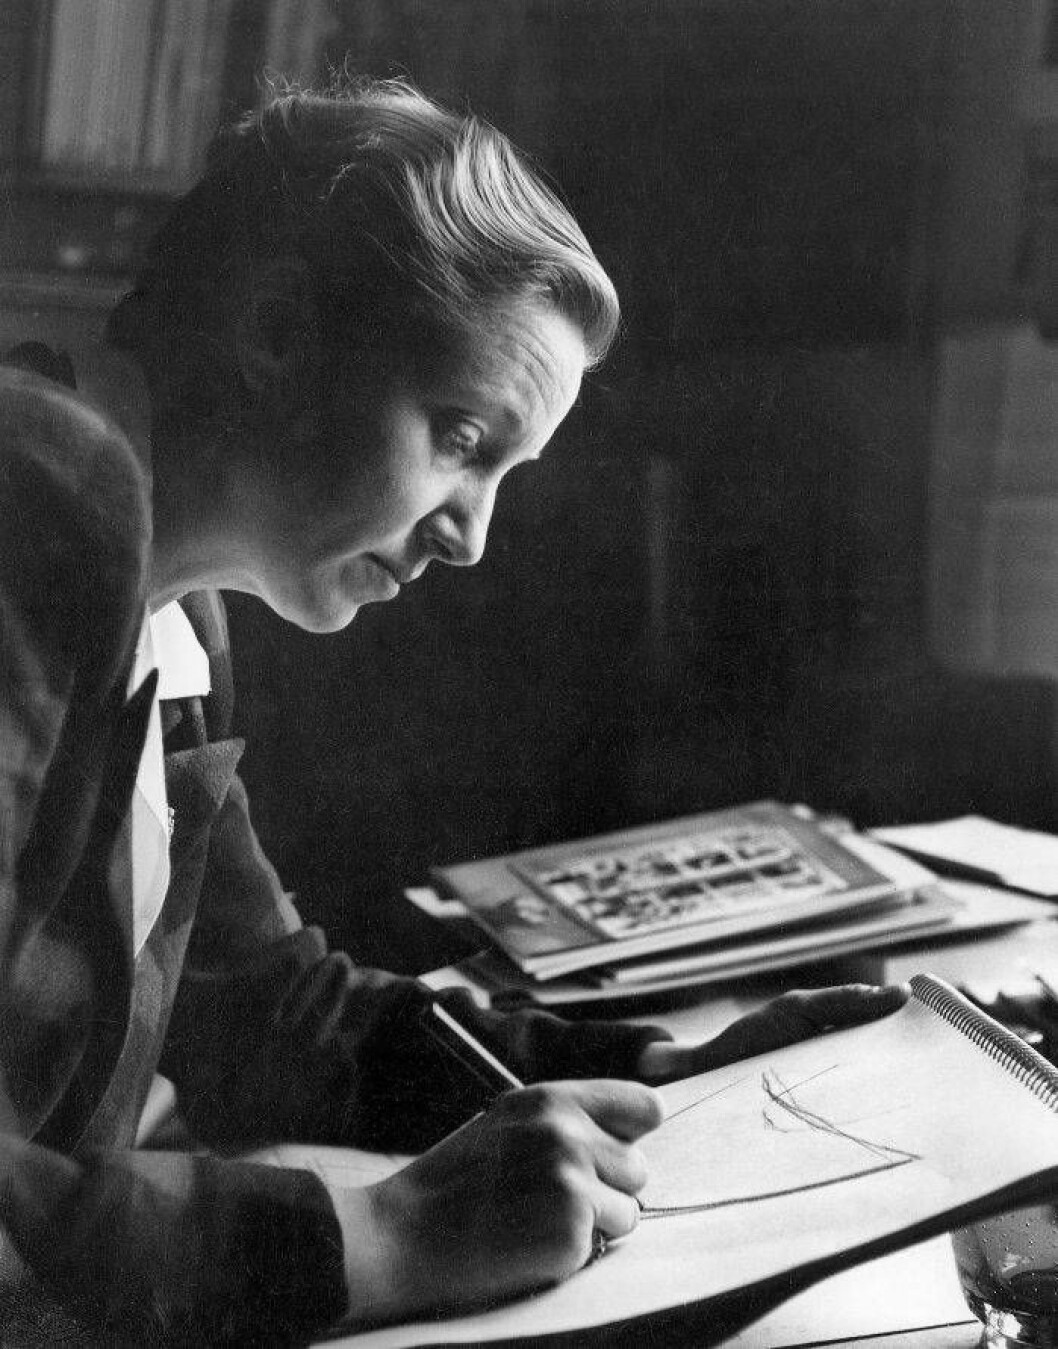 Monica Bratt i profil vid sitt ritbord, ca 1952